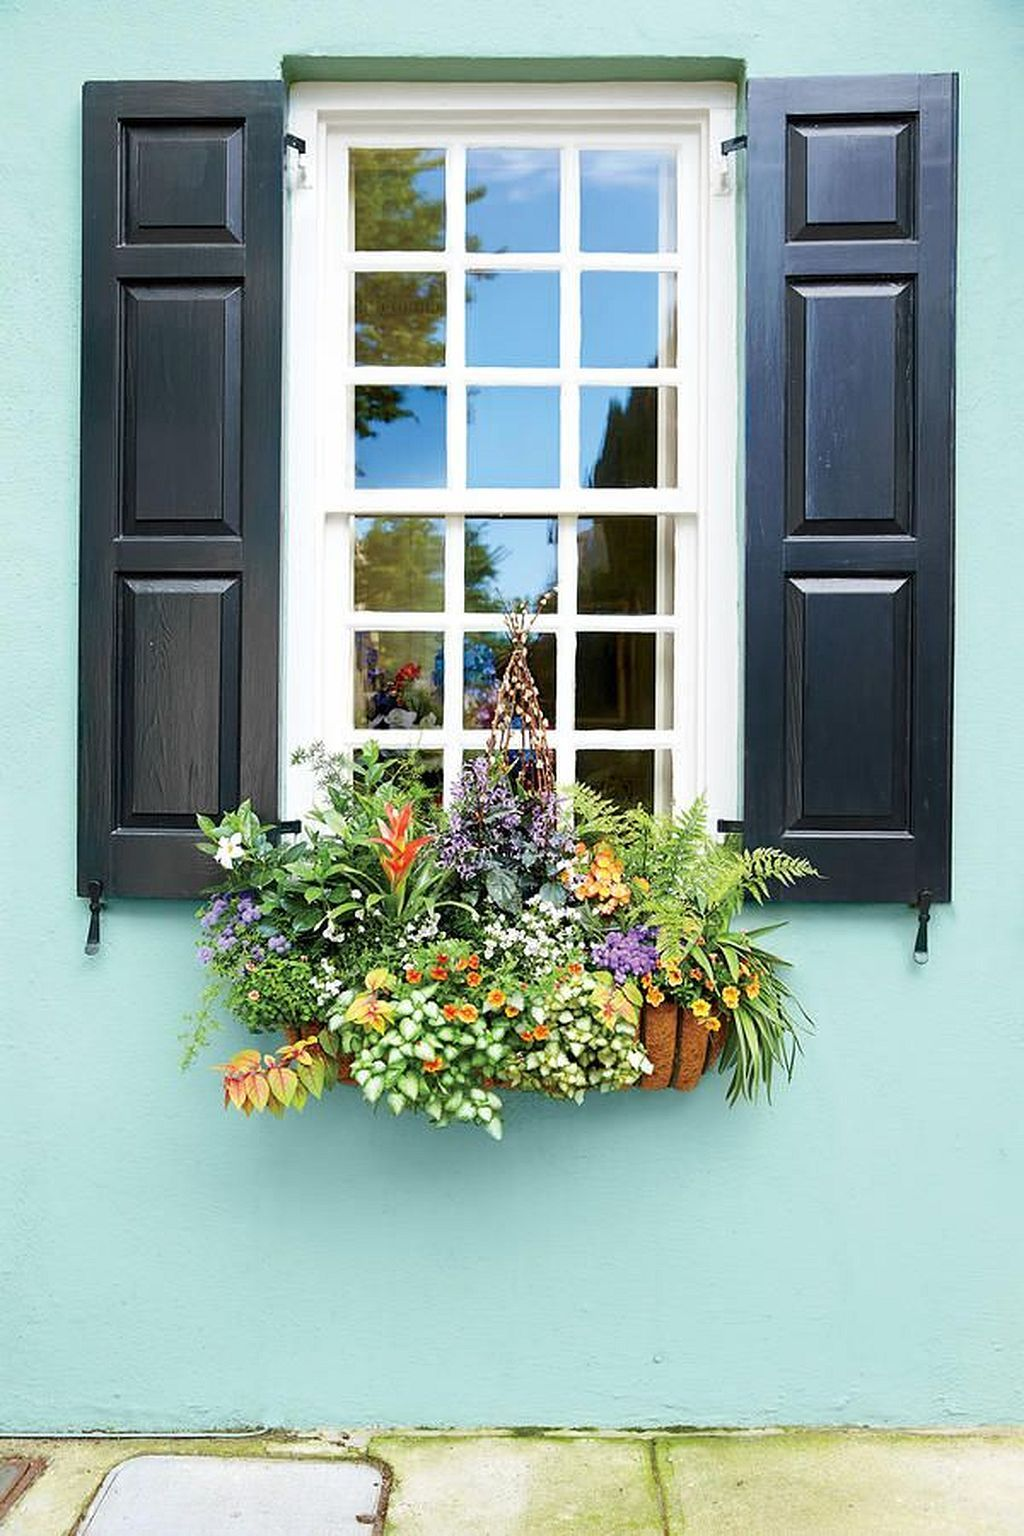 House box window design   simple cool box garden design ideas  box garden vegetable